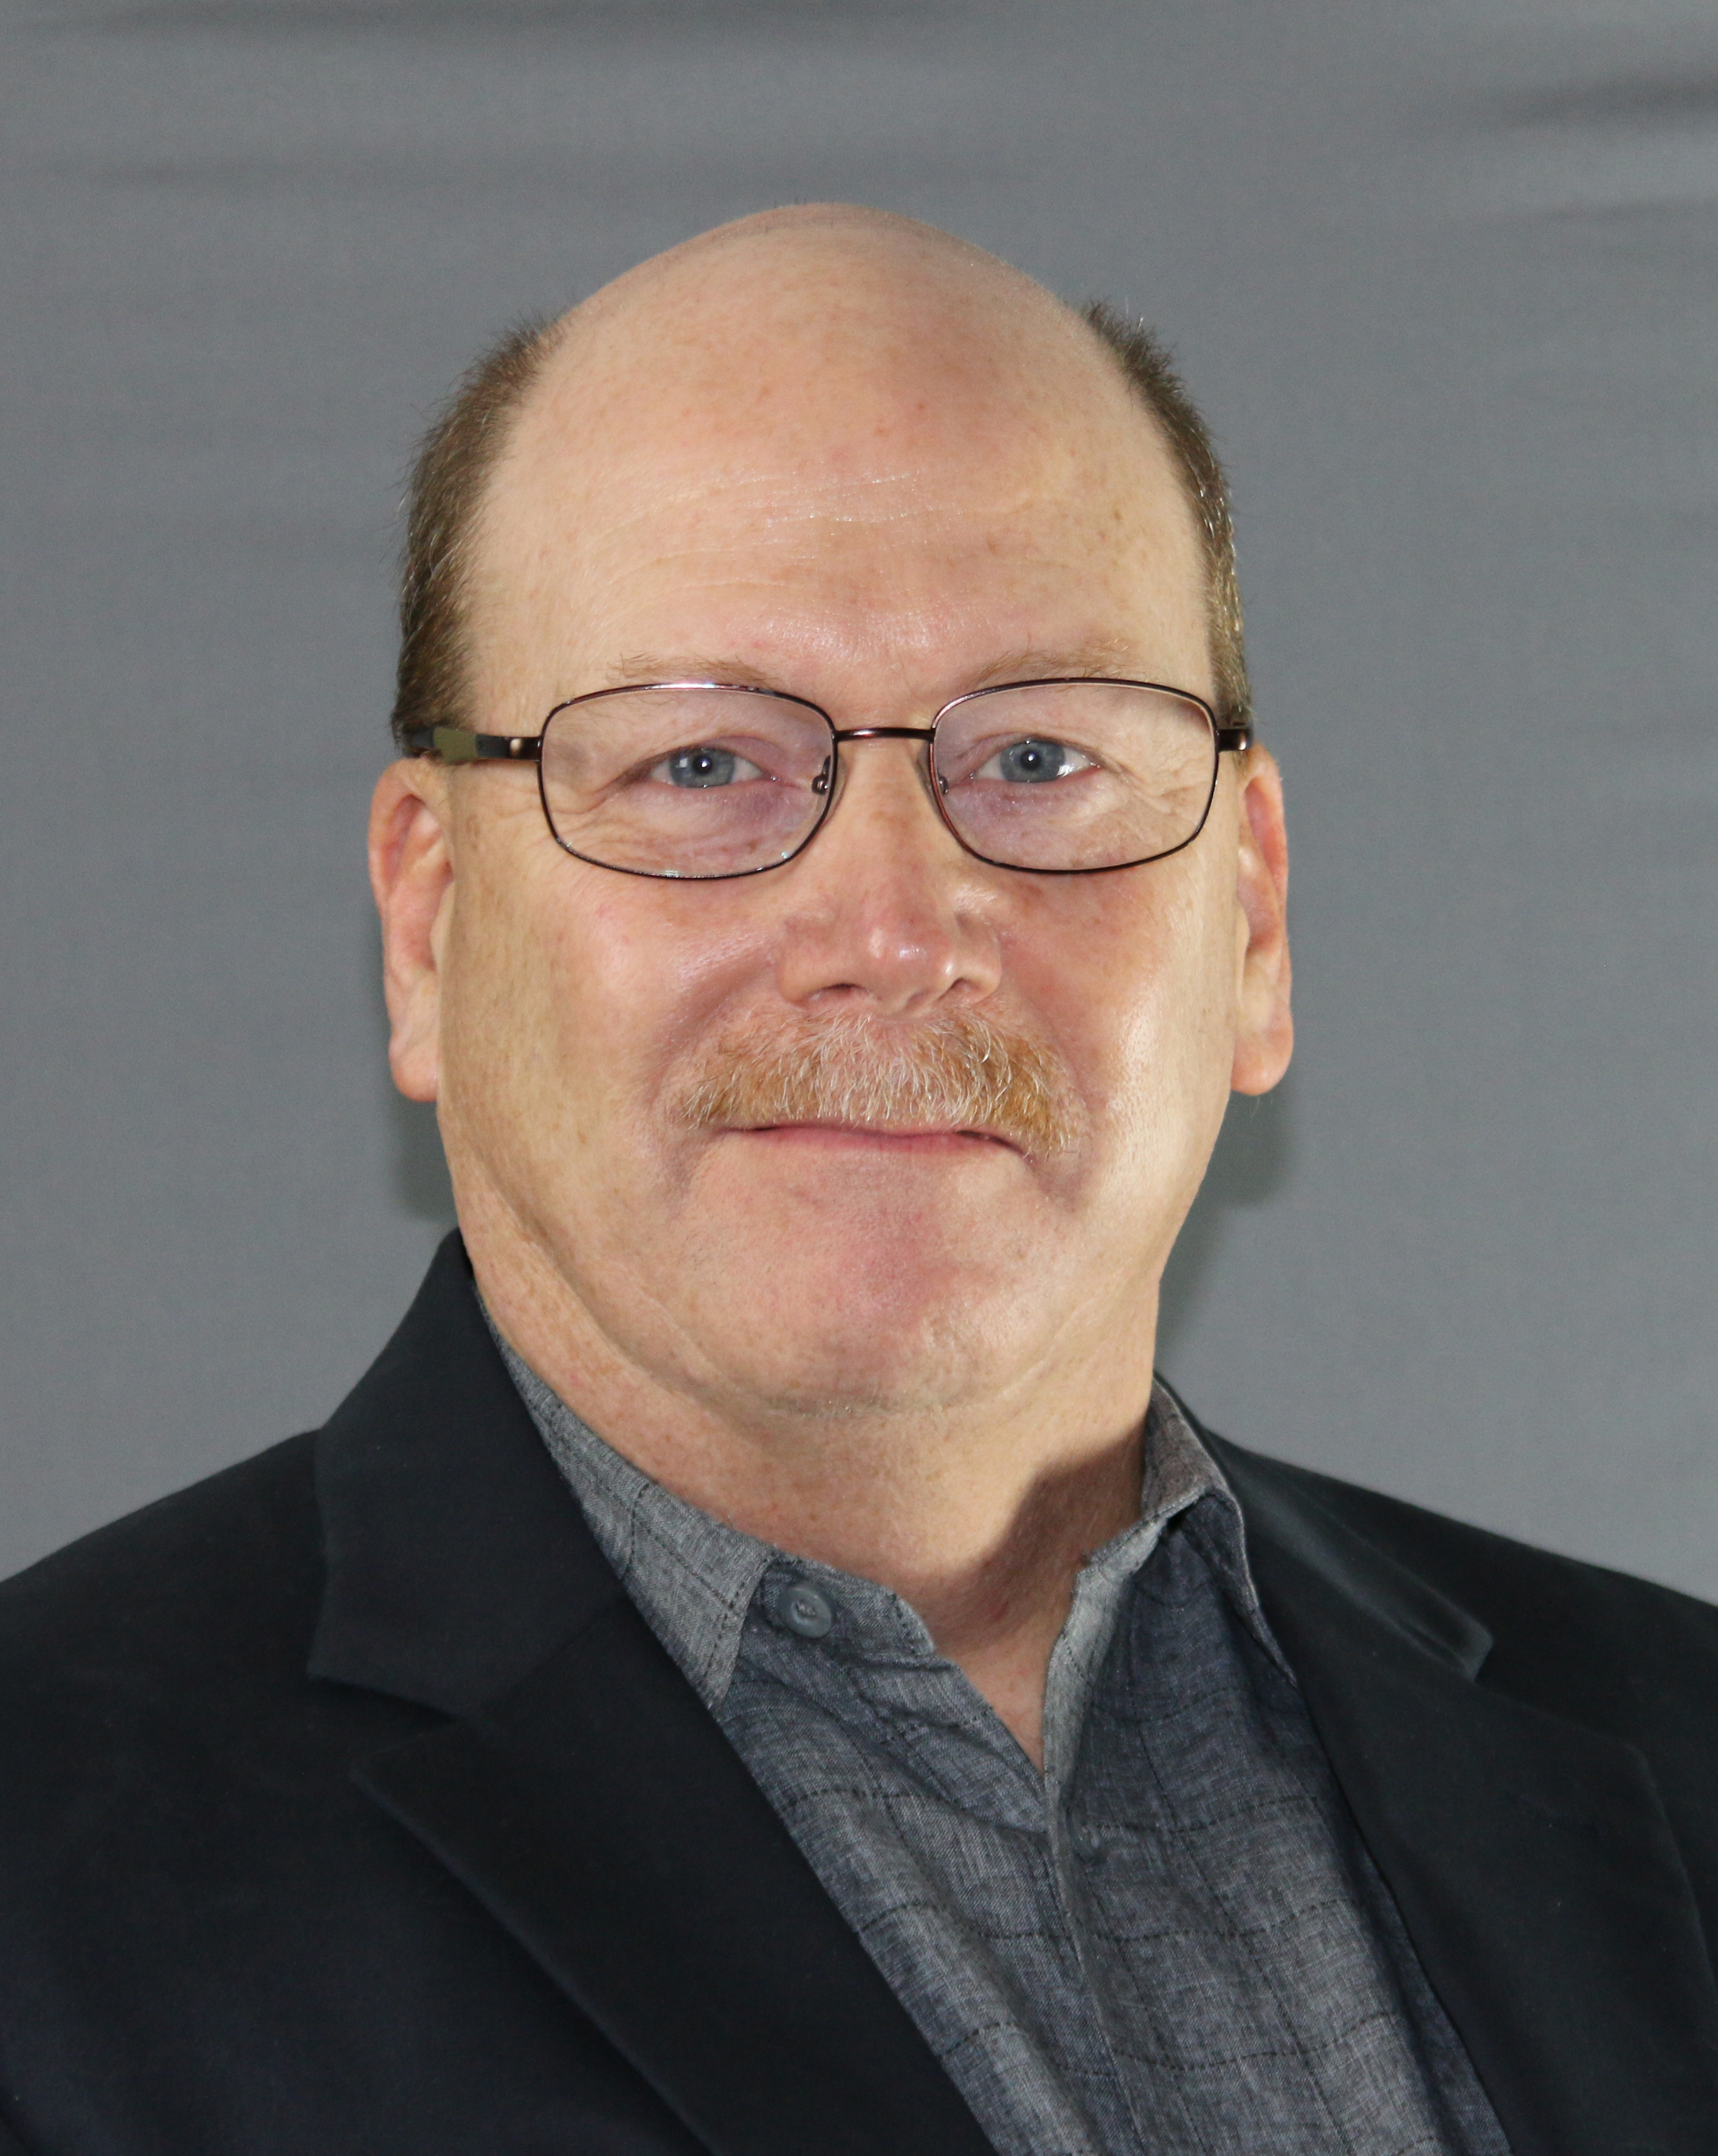 Barry Hutt